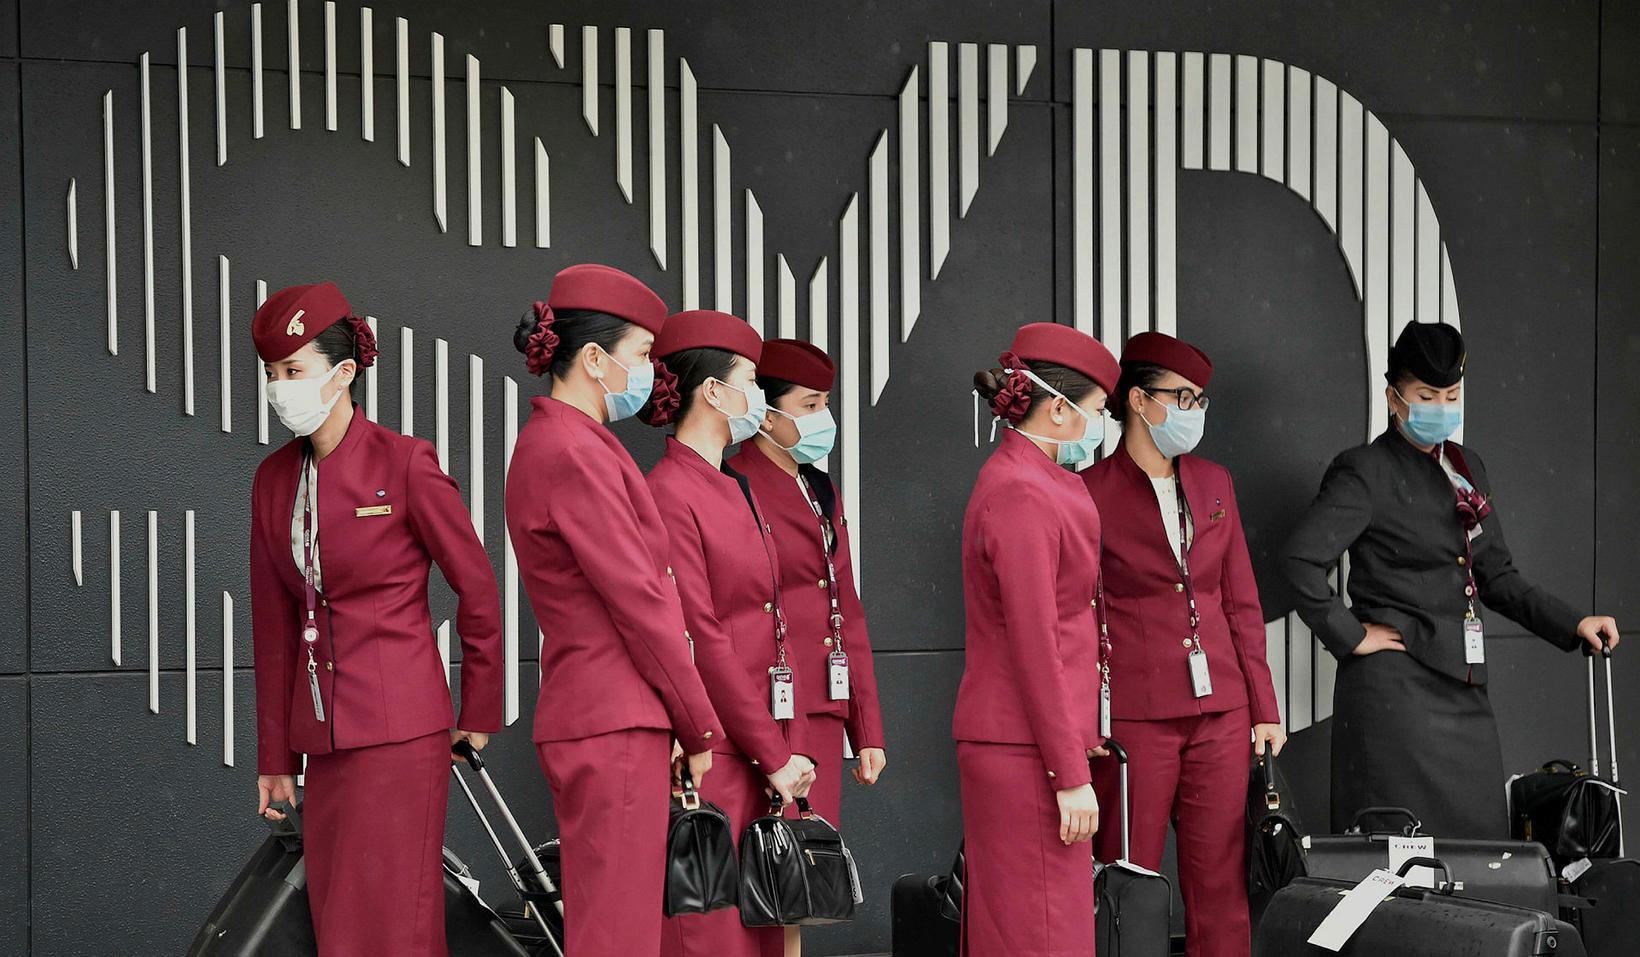 Rauði litur Qatar Airways verður ekki jafn sýnilegur og áður …